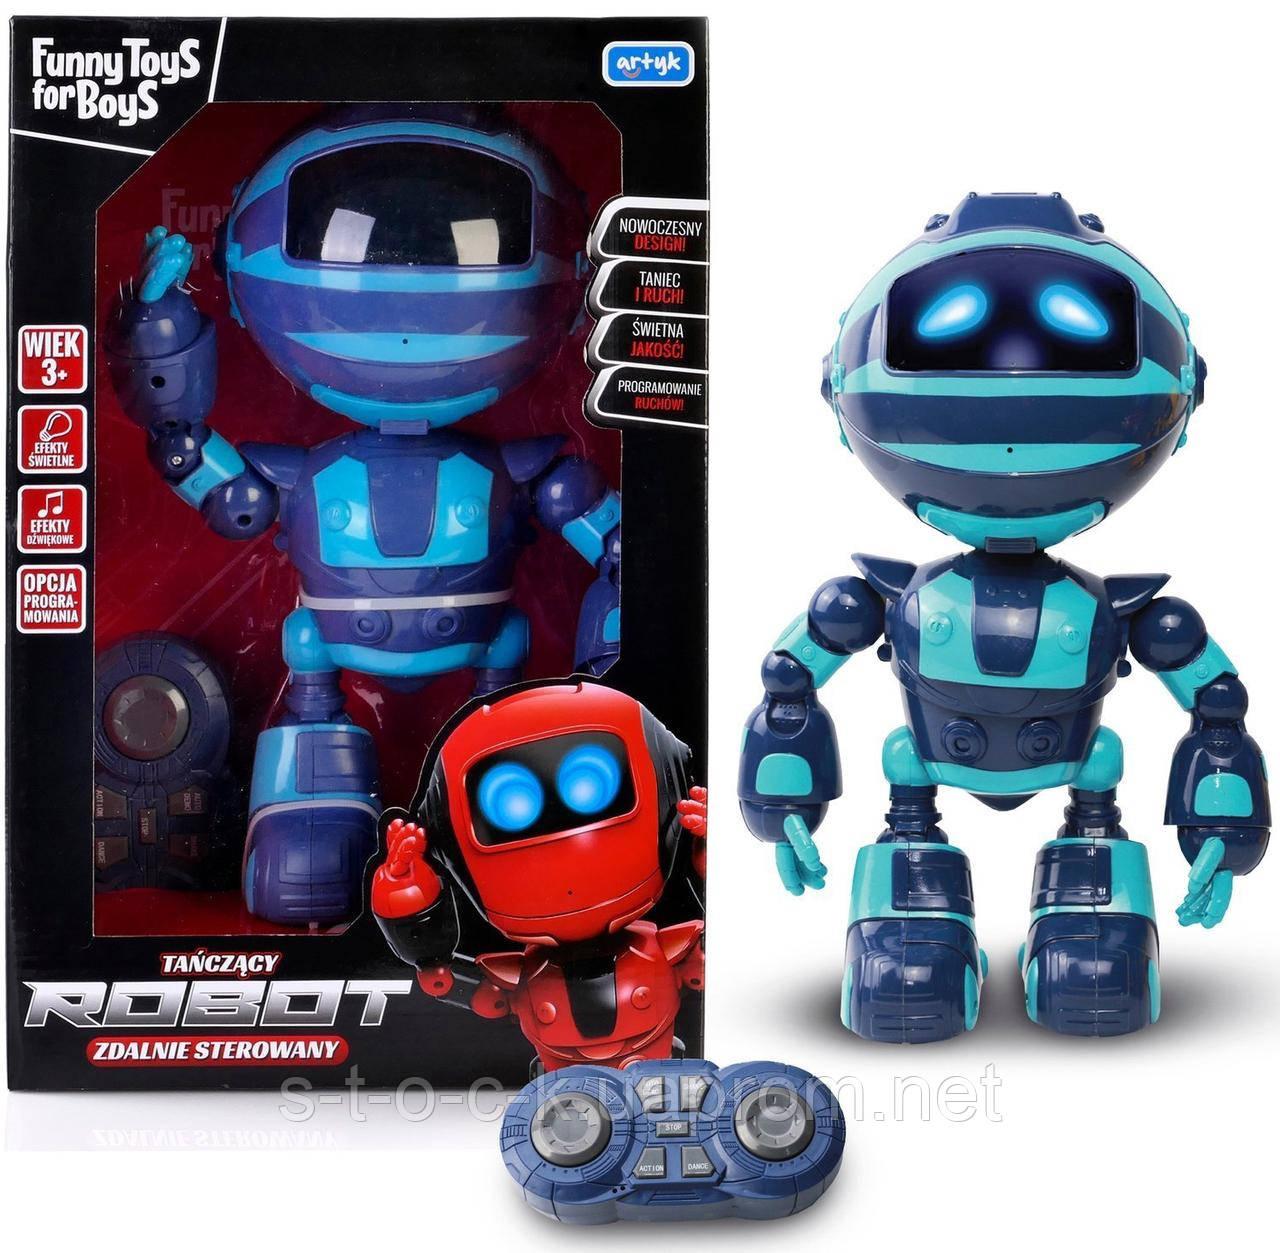 ARTYK FUNNY TOYS FOR BOYS -Танцующий робот!Дистанционно управляемый